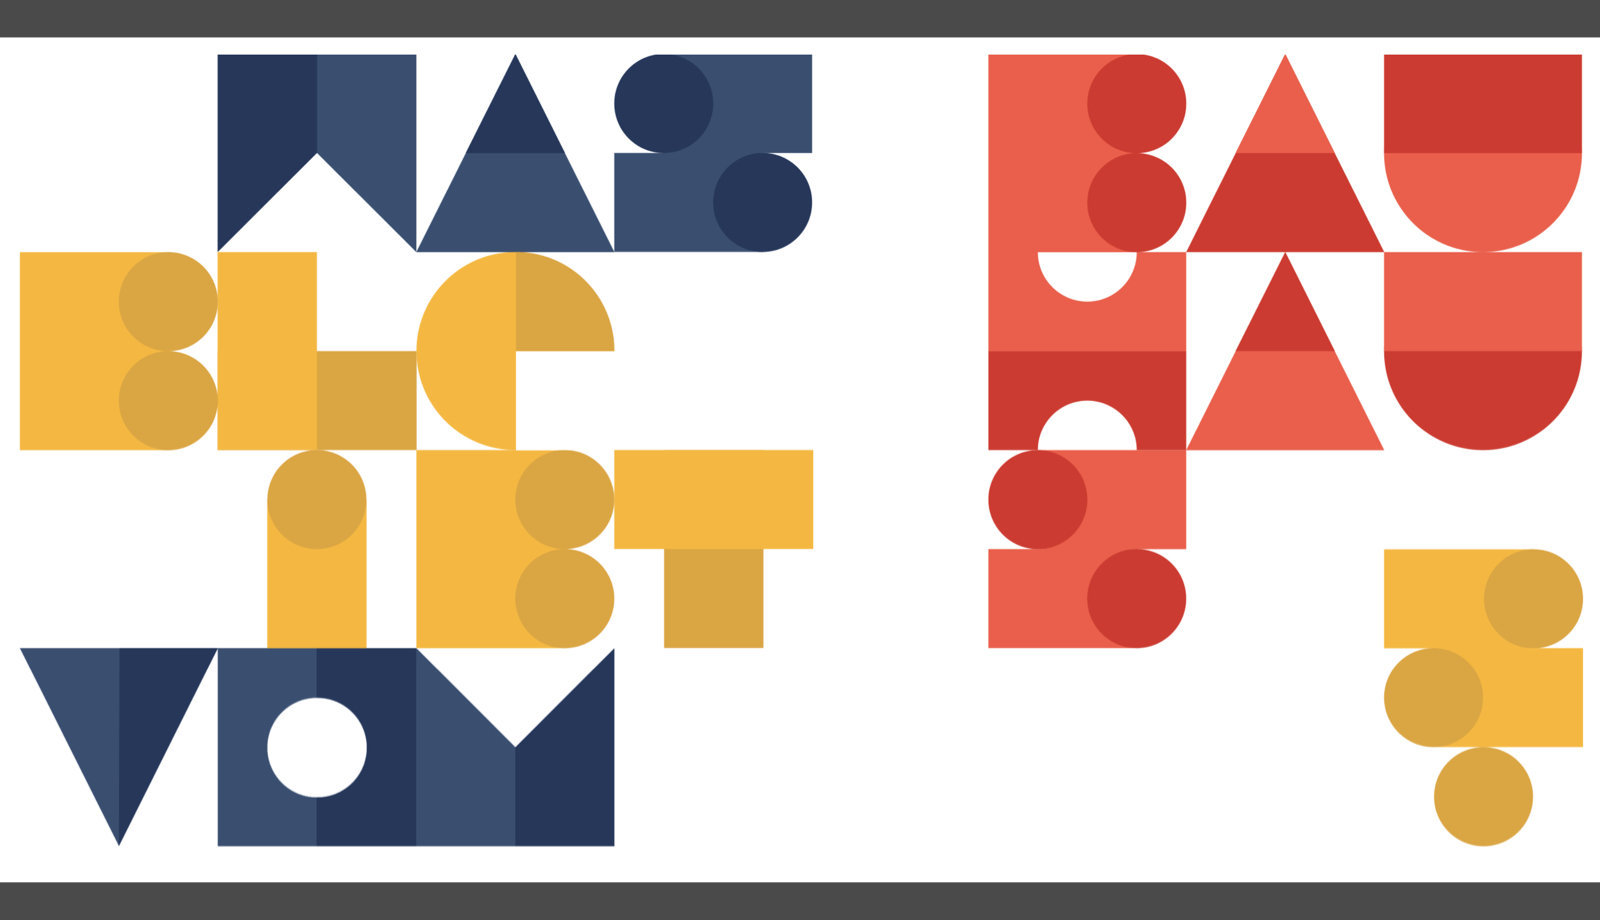 ReneSpitz_Moderation_KAP-Forum_MAKK_Was bleibt vom Bauhaus-Jahr